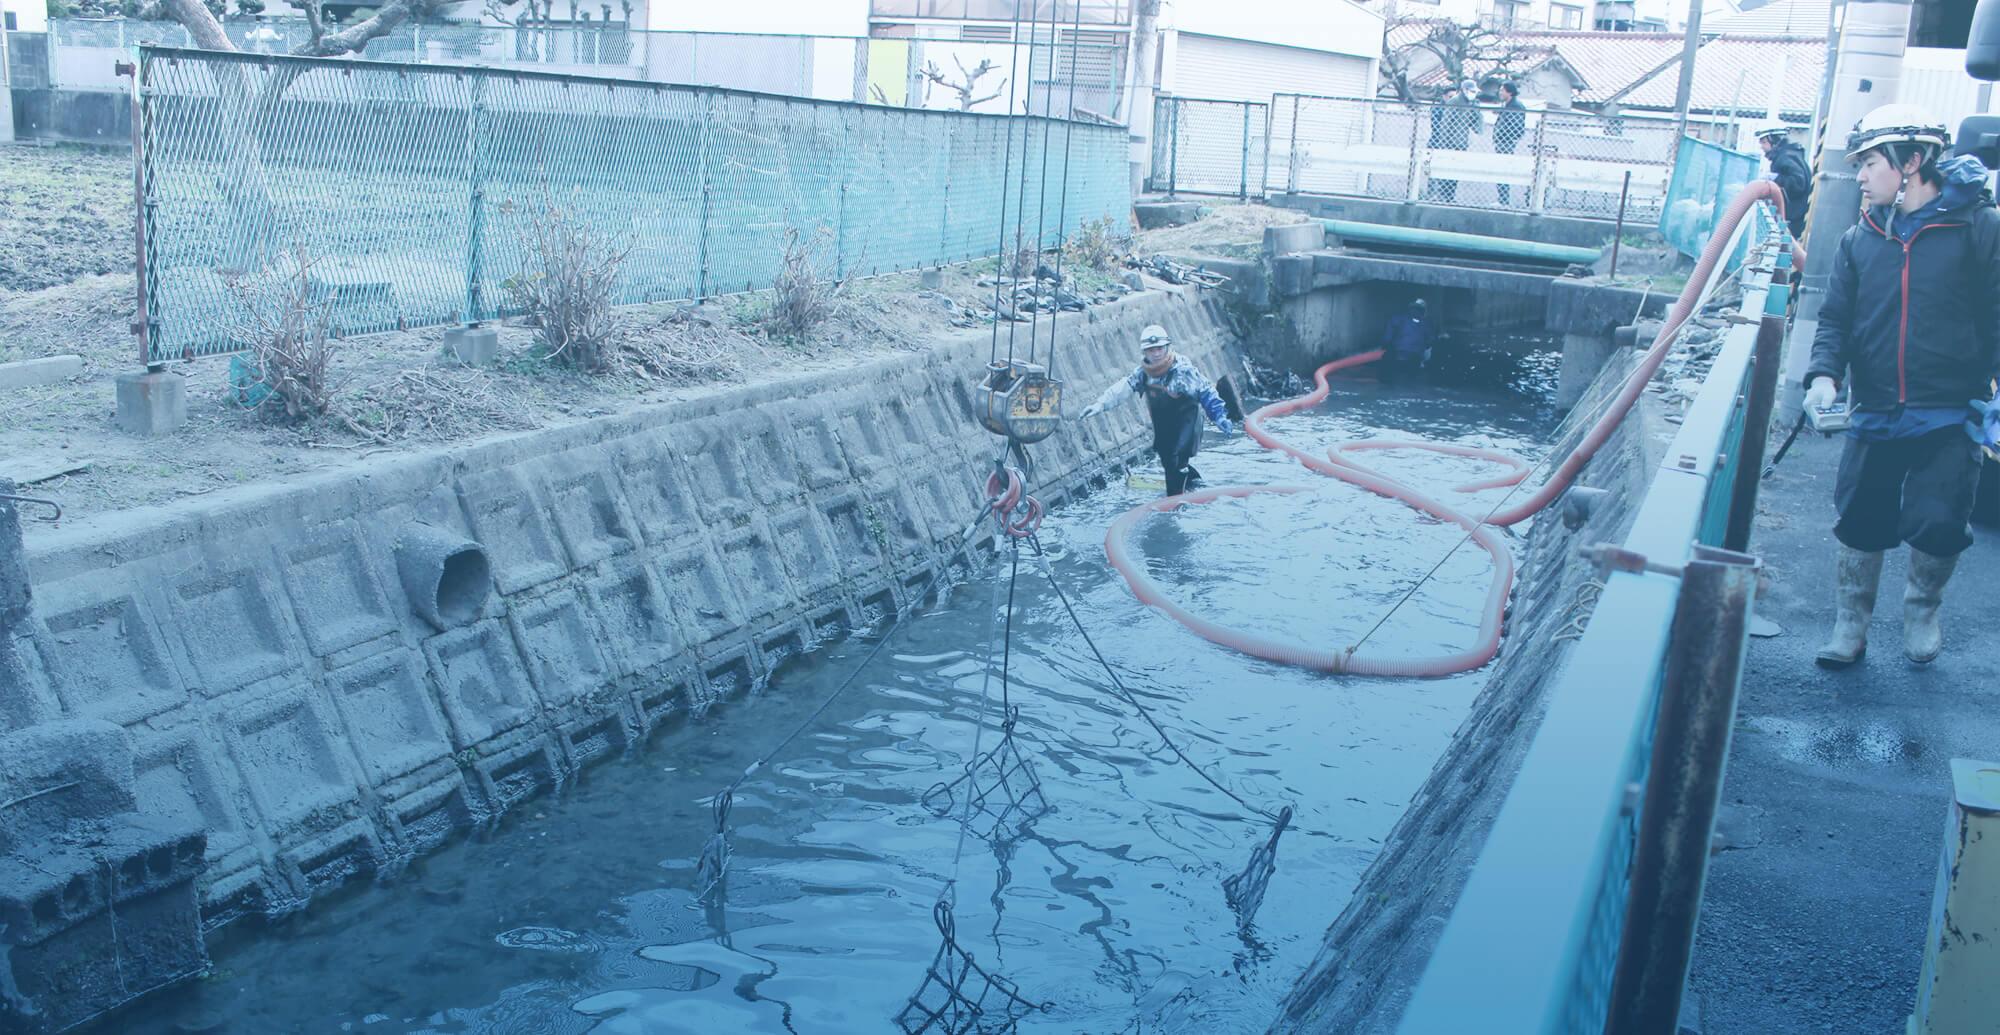 地域の快適な暮らしを支える 「水路」の総合メンテナンス SINCE1984